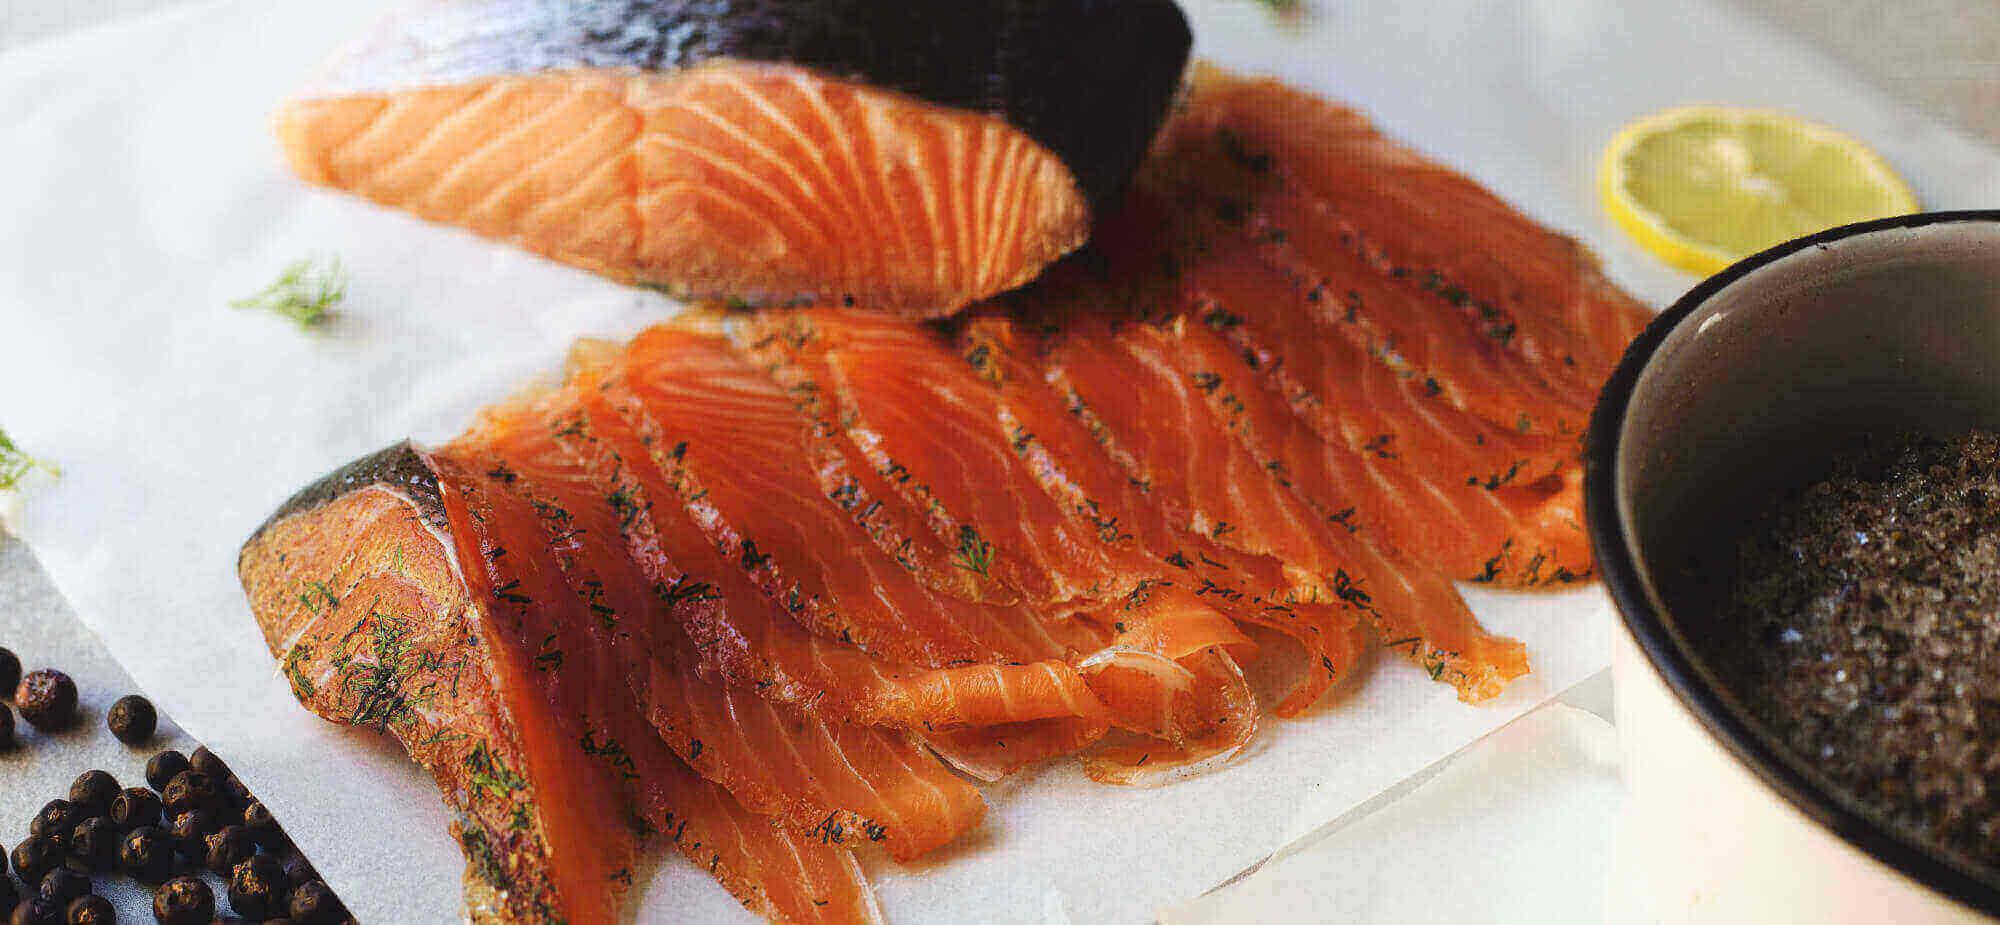 fresh_salmon_wedding_dish